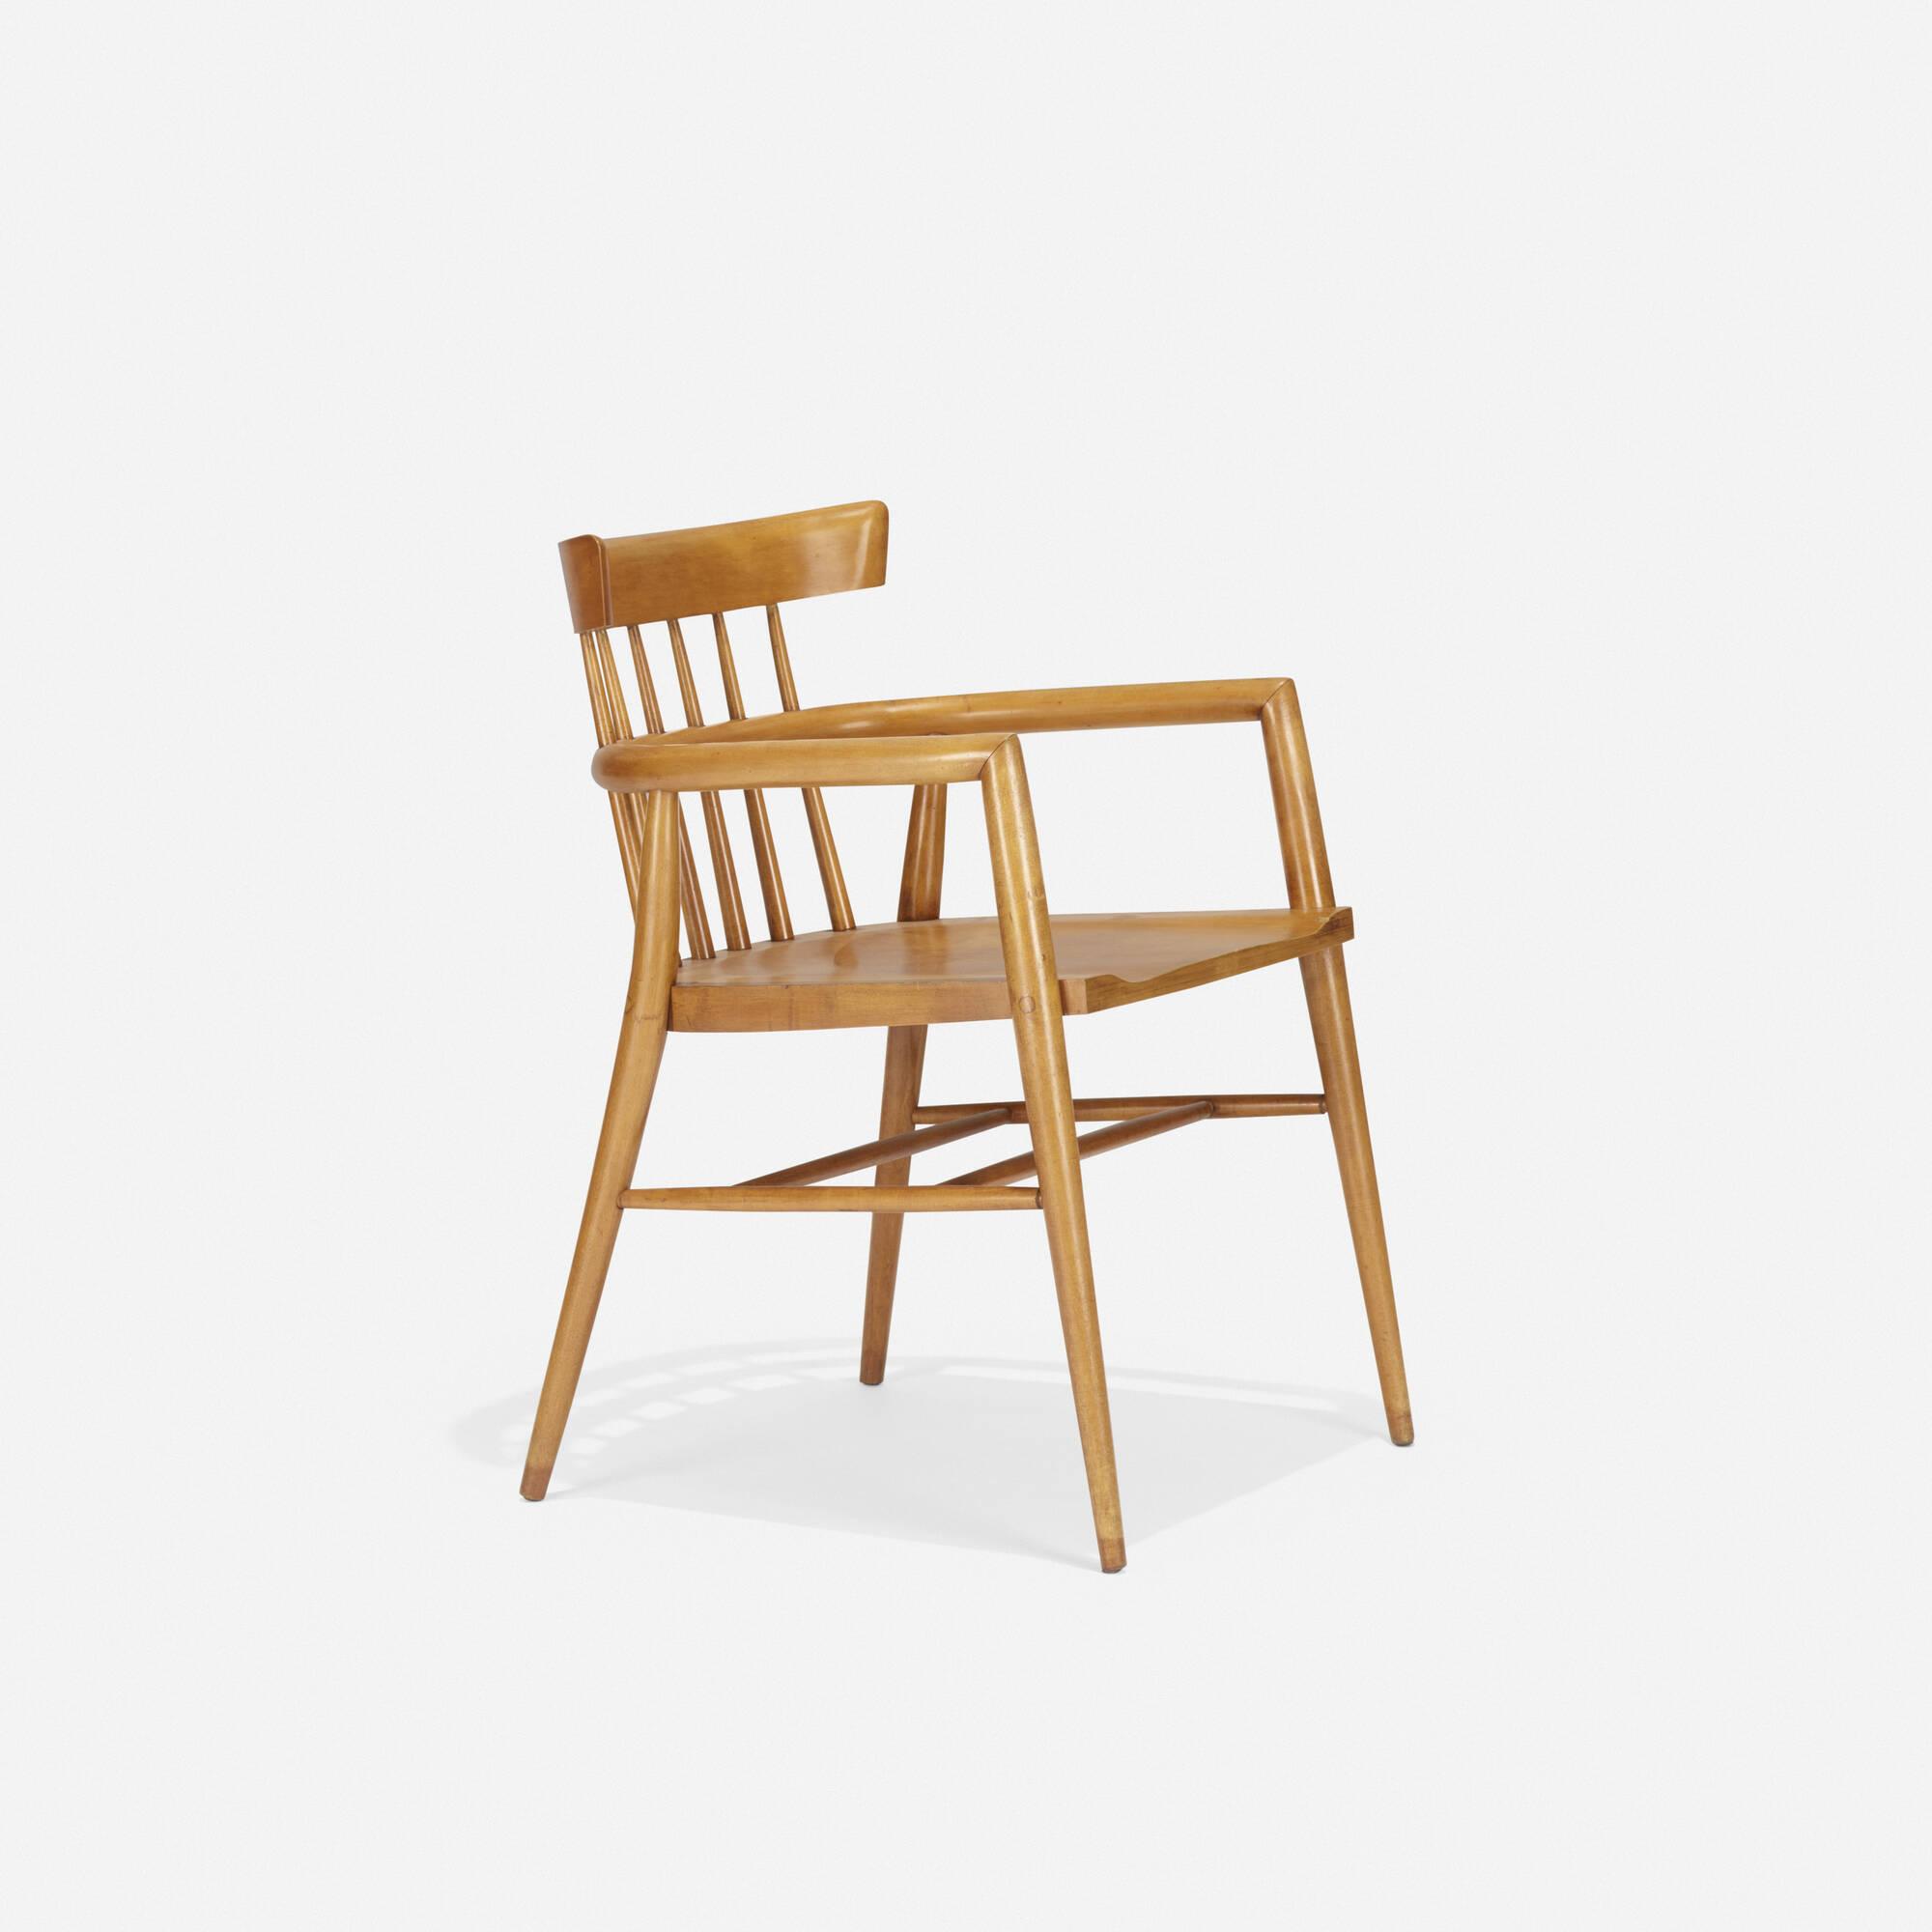 101 Paul Mccobb Planner Group Captain S Chair Model 1532